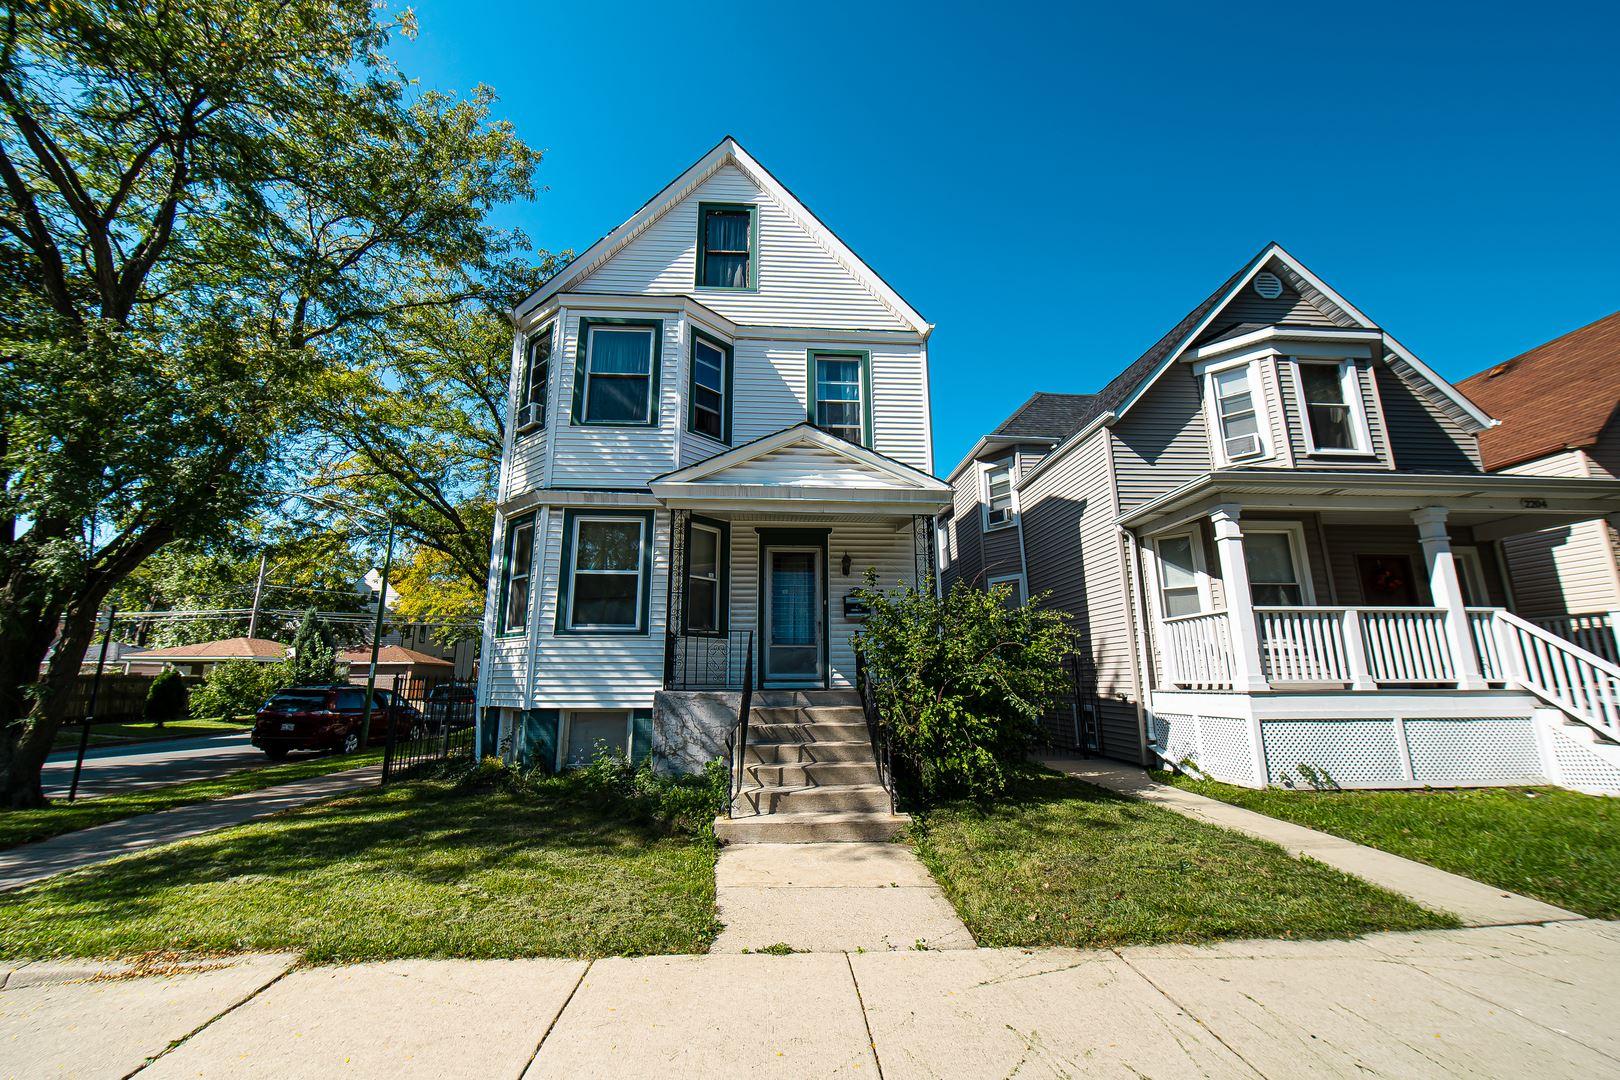 2200 N Kenneth Avenue, Chicago, IL 60639 - #: 10612889